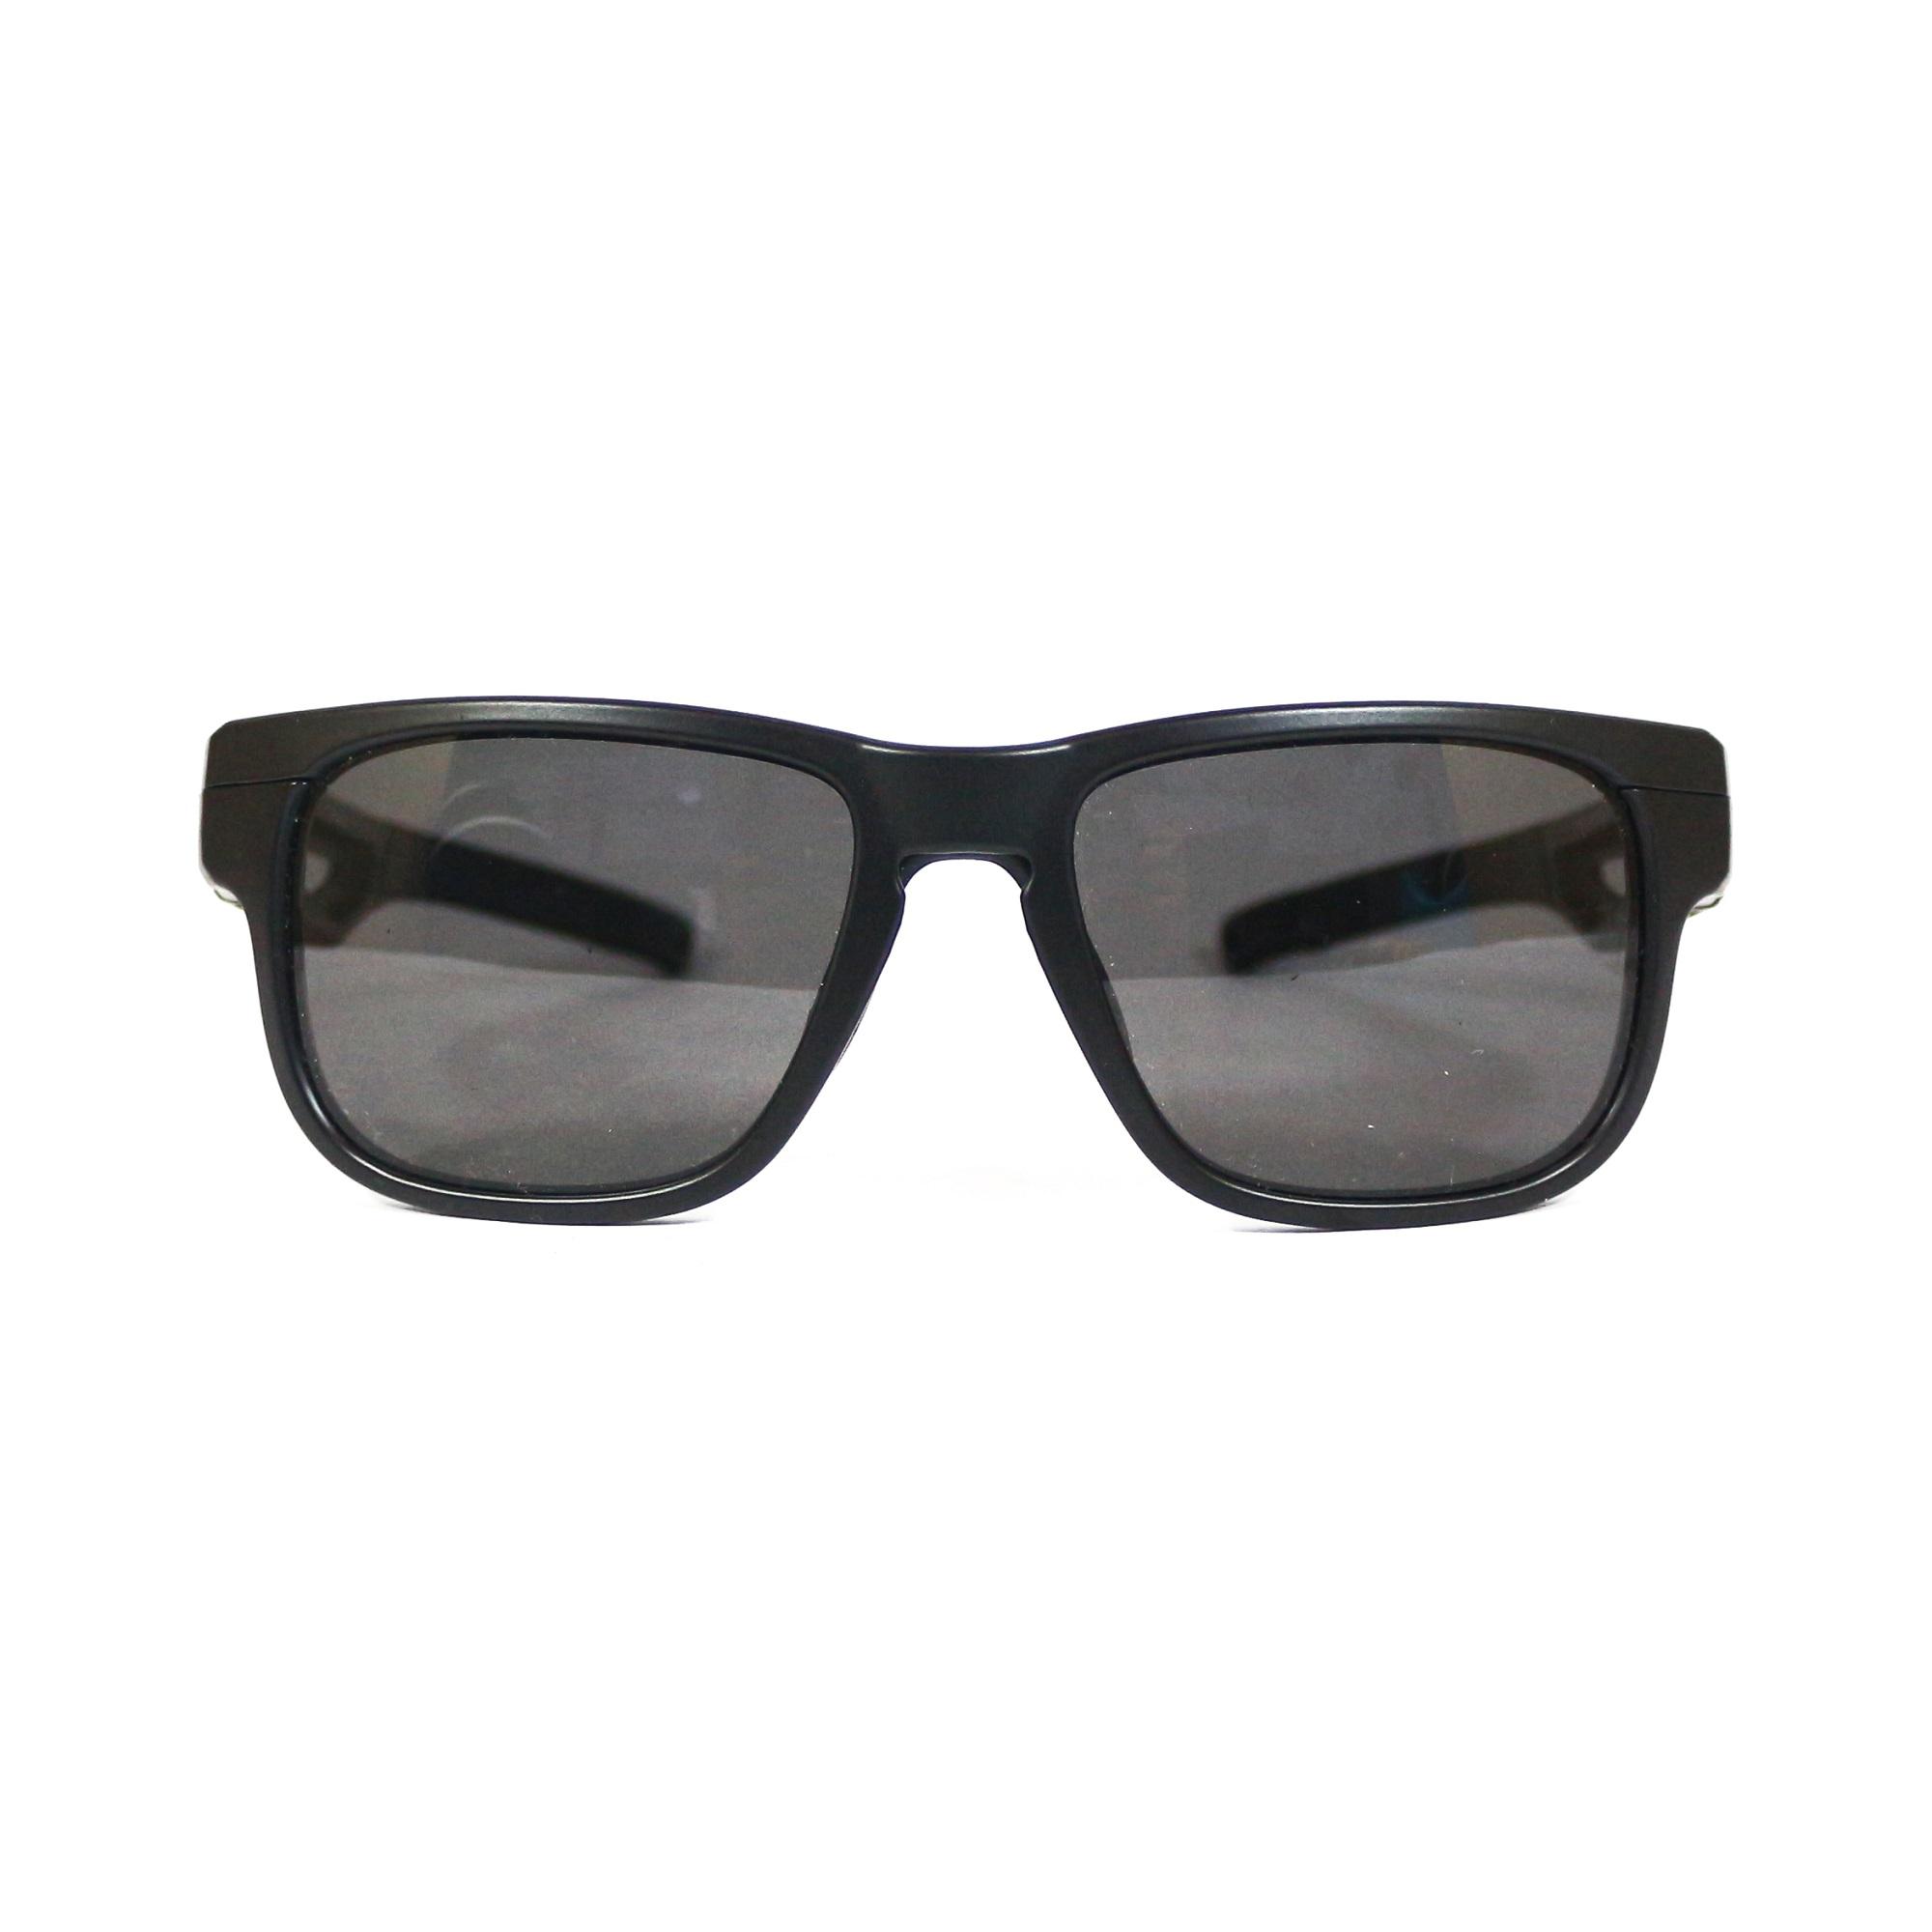 Zeque Polarised Fishing Sunglasses Bunny Walk BW-0180F Matt Blk /Gray (0808)